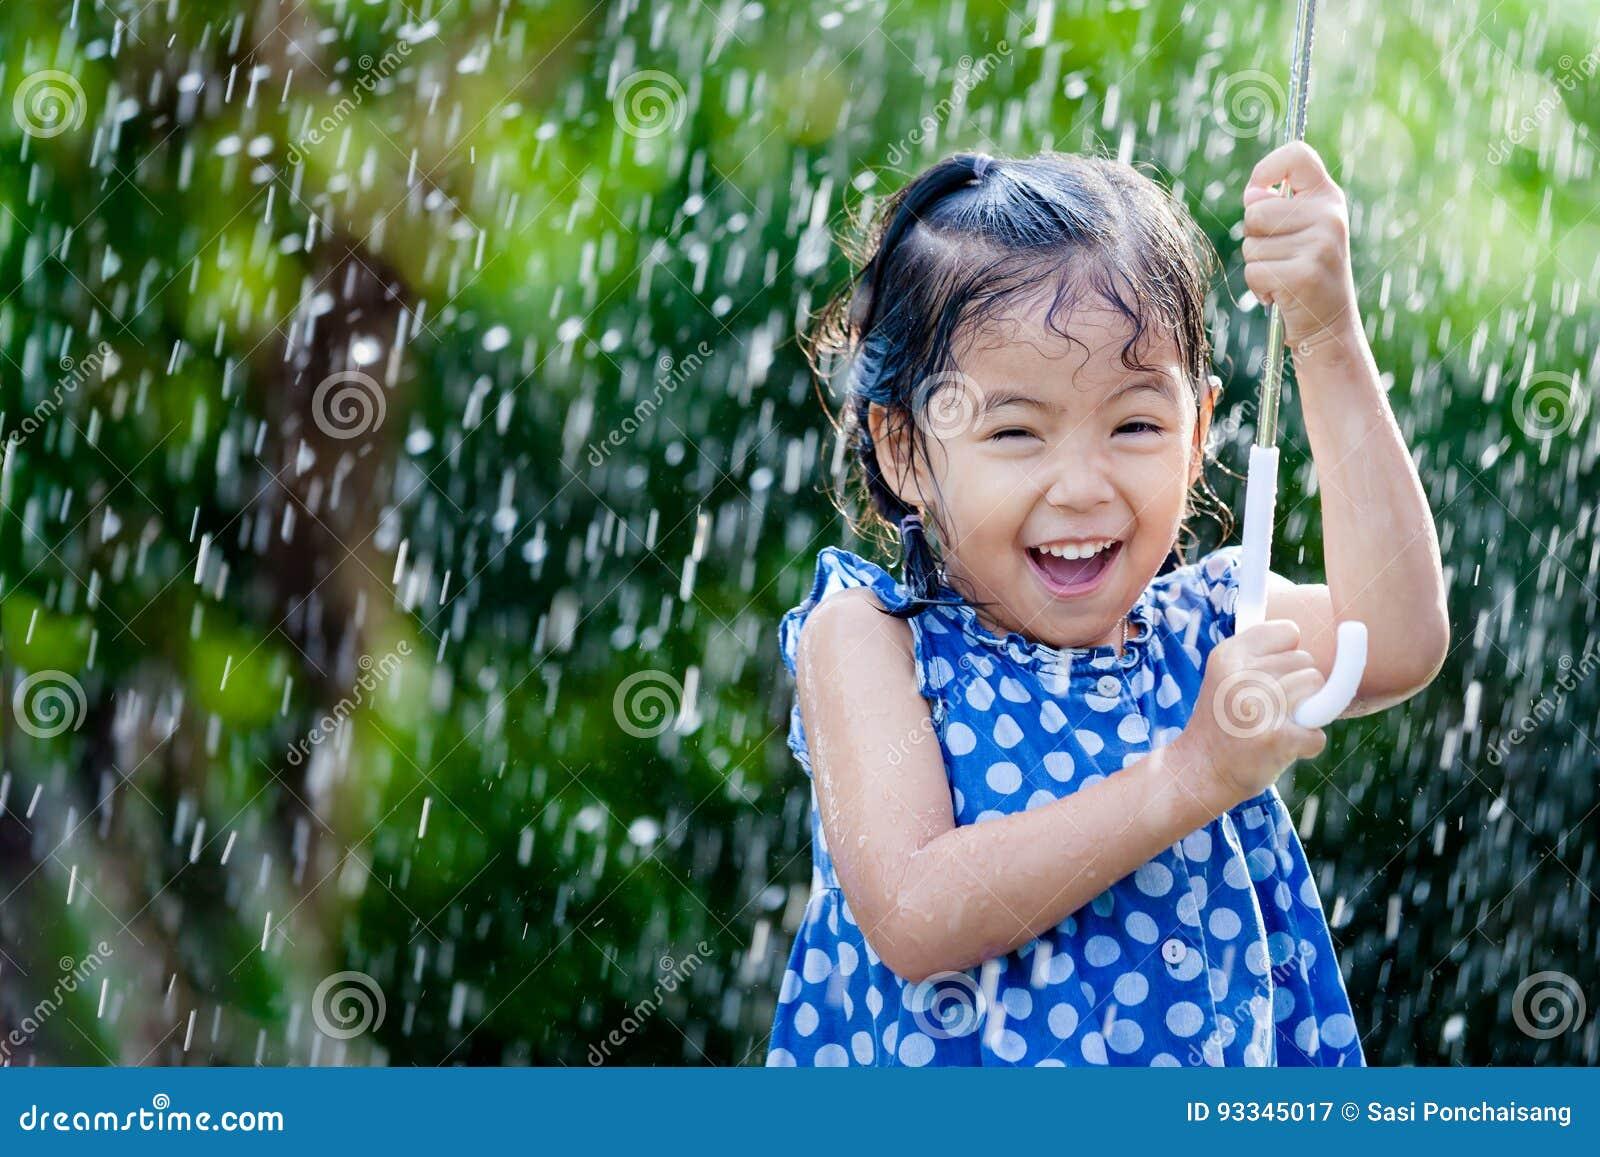 Asiatisches kleines Mädchen mit Regenschirm im Regen